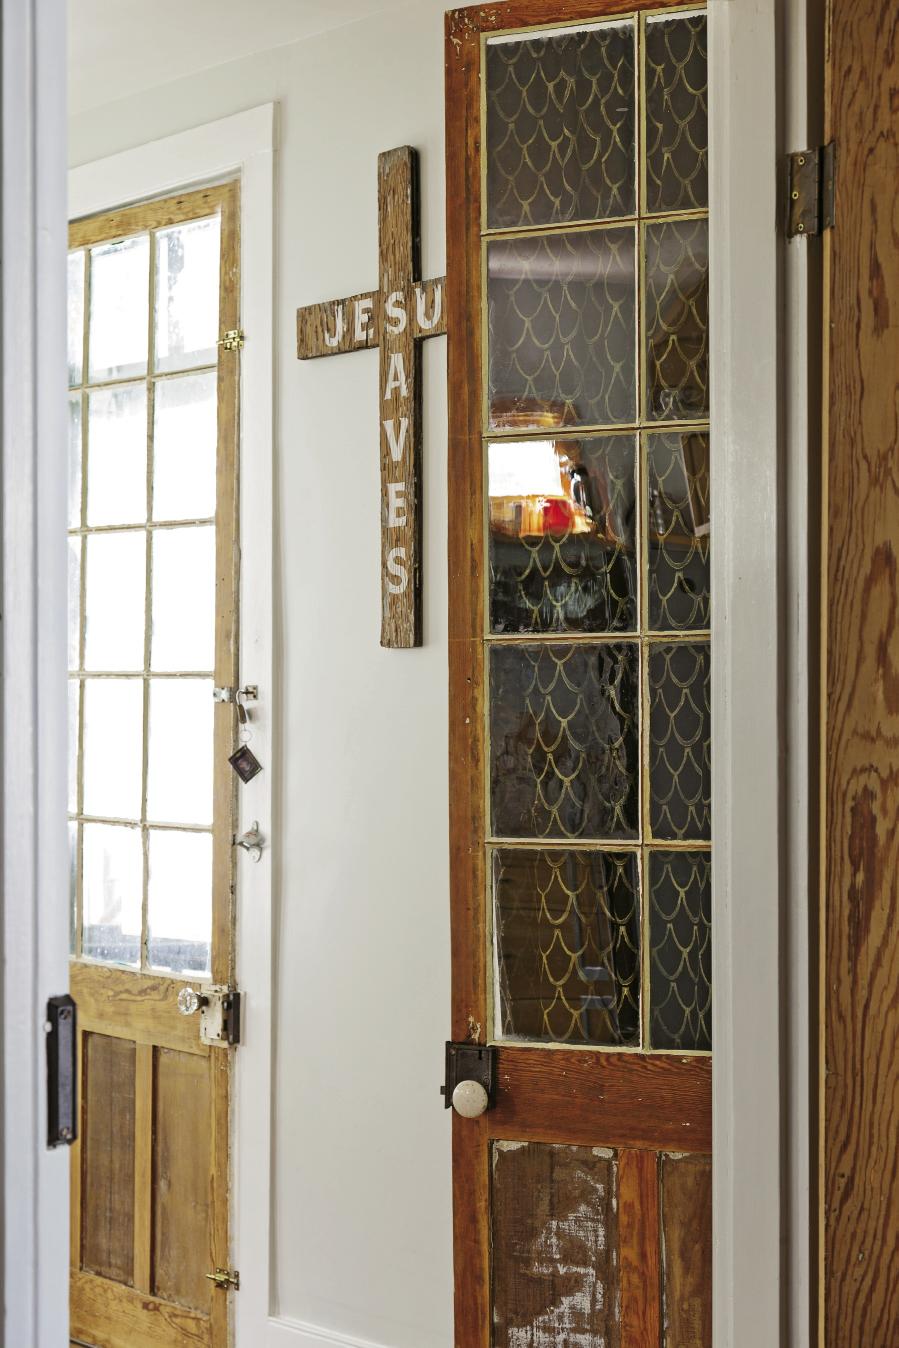 originally the home's back entry